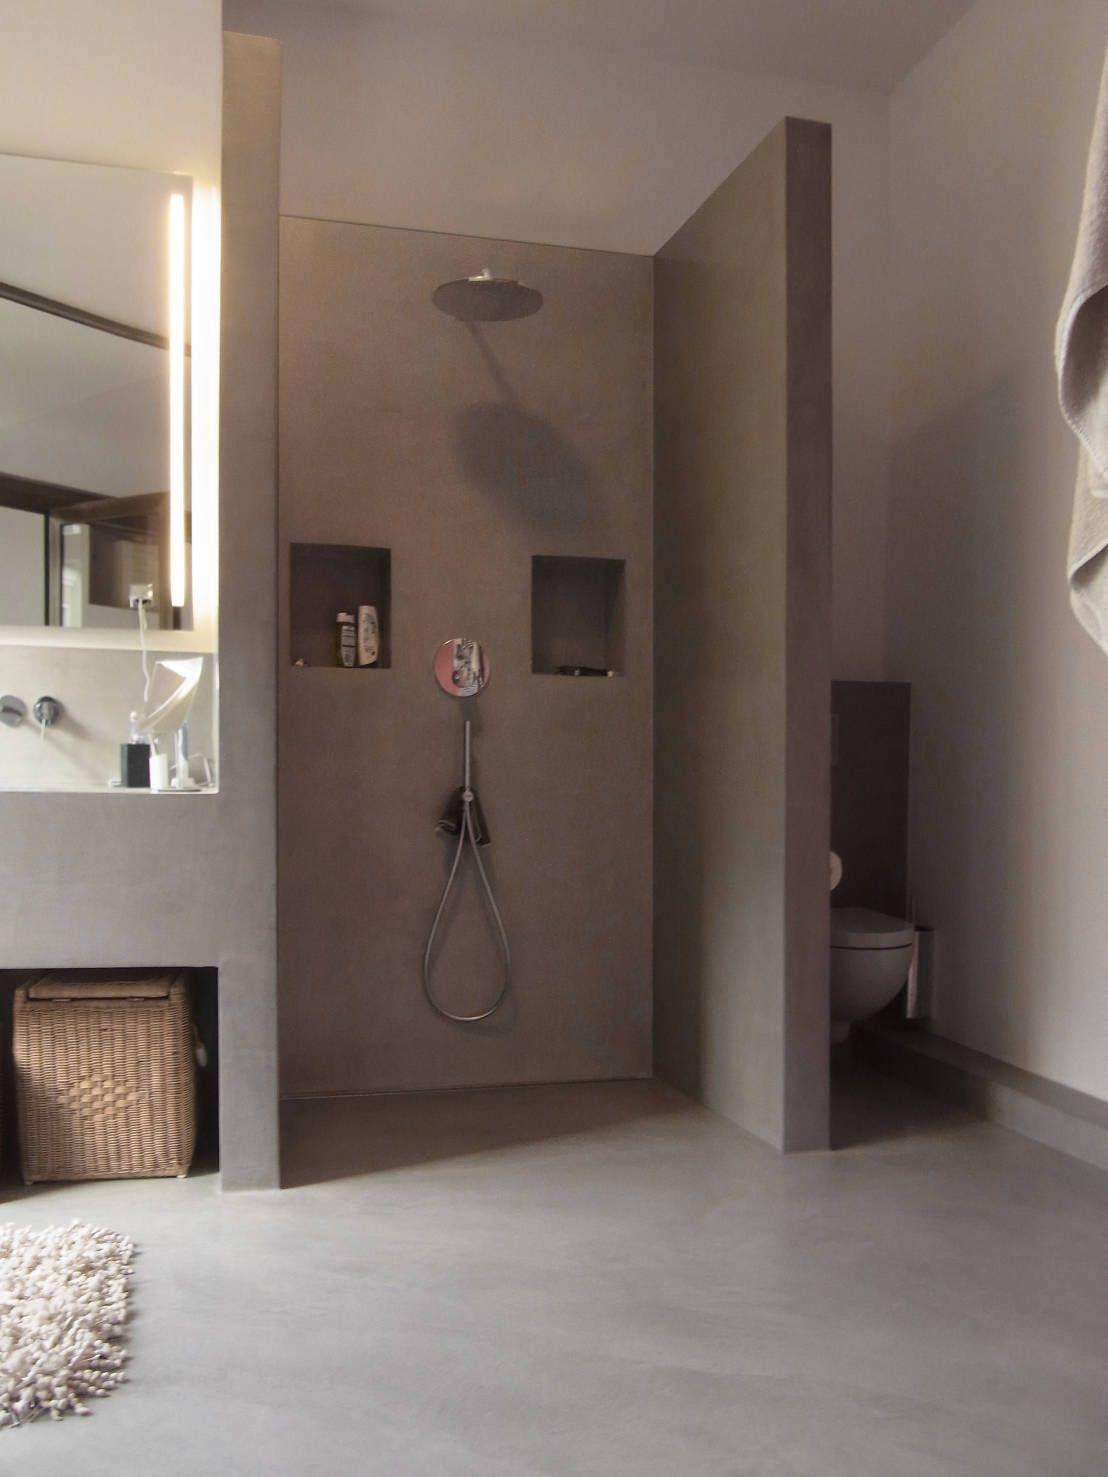 Moderne Badezimmer Ohne Wanne In 2020 Badezimmer Badezimmer Innenausstattung Offenes Badezimmer